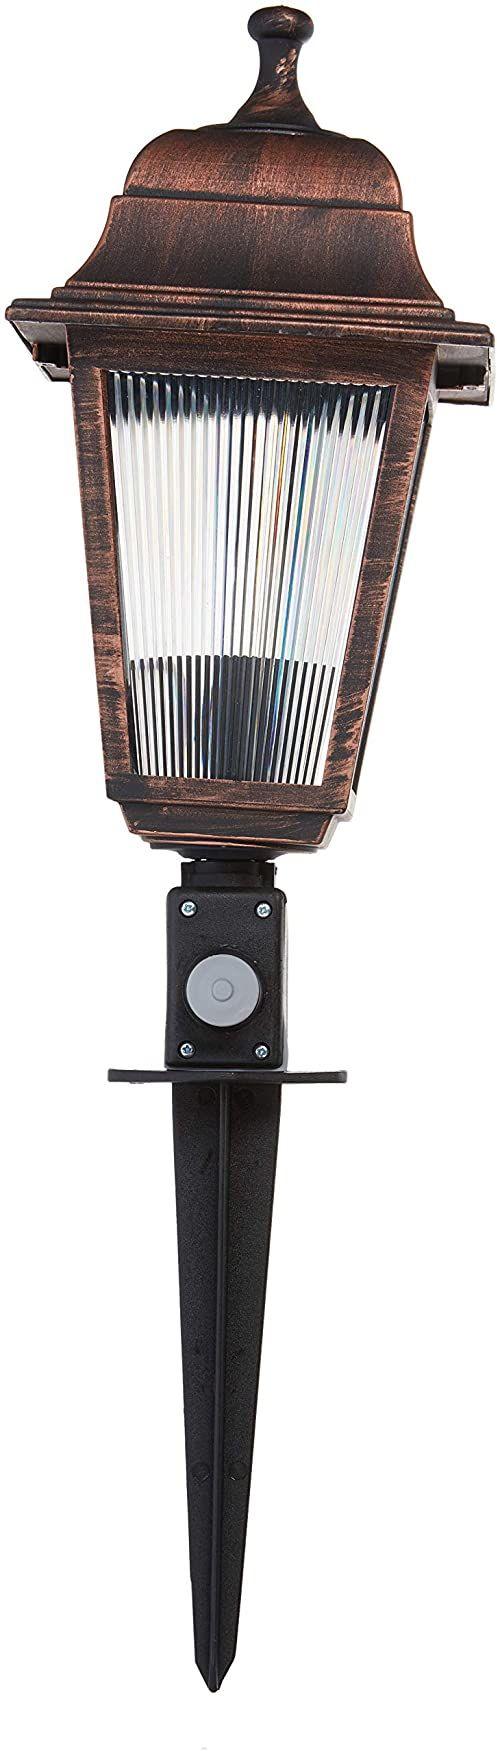 Homemania ASZ.1015 lampa stojąca Opticper do wnętrz, podłoga, miedź z tworzywa ABS, 15 x 15 x 50 cm